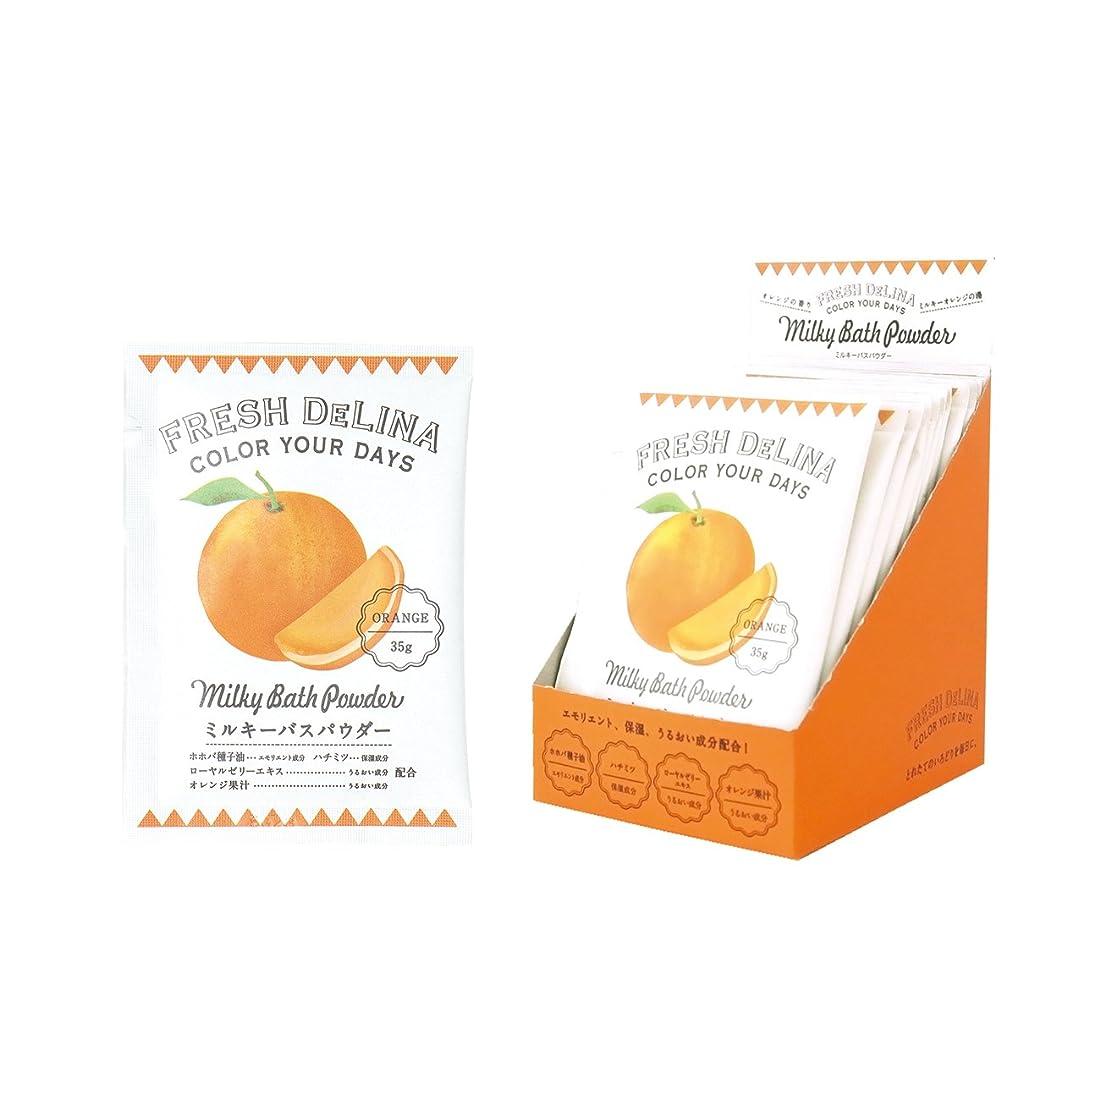 識字作家毛布フレッシュデリーナ ミルキーバスパウダー 35g (オレンジ) 12個 (白濁タイプ入浴料 日本製 フレッシュな柑橘系の香り)